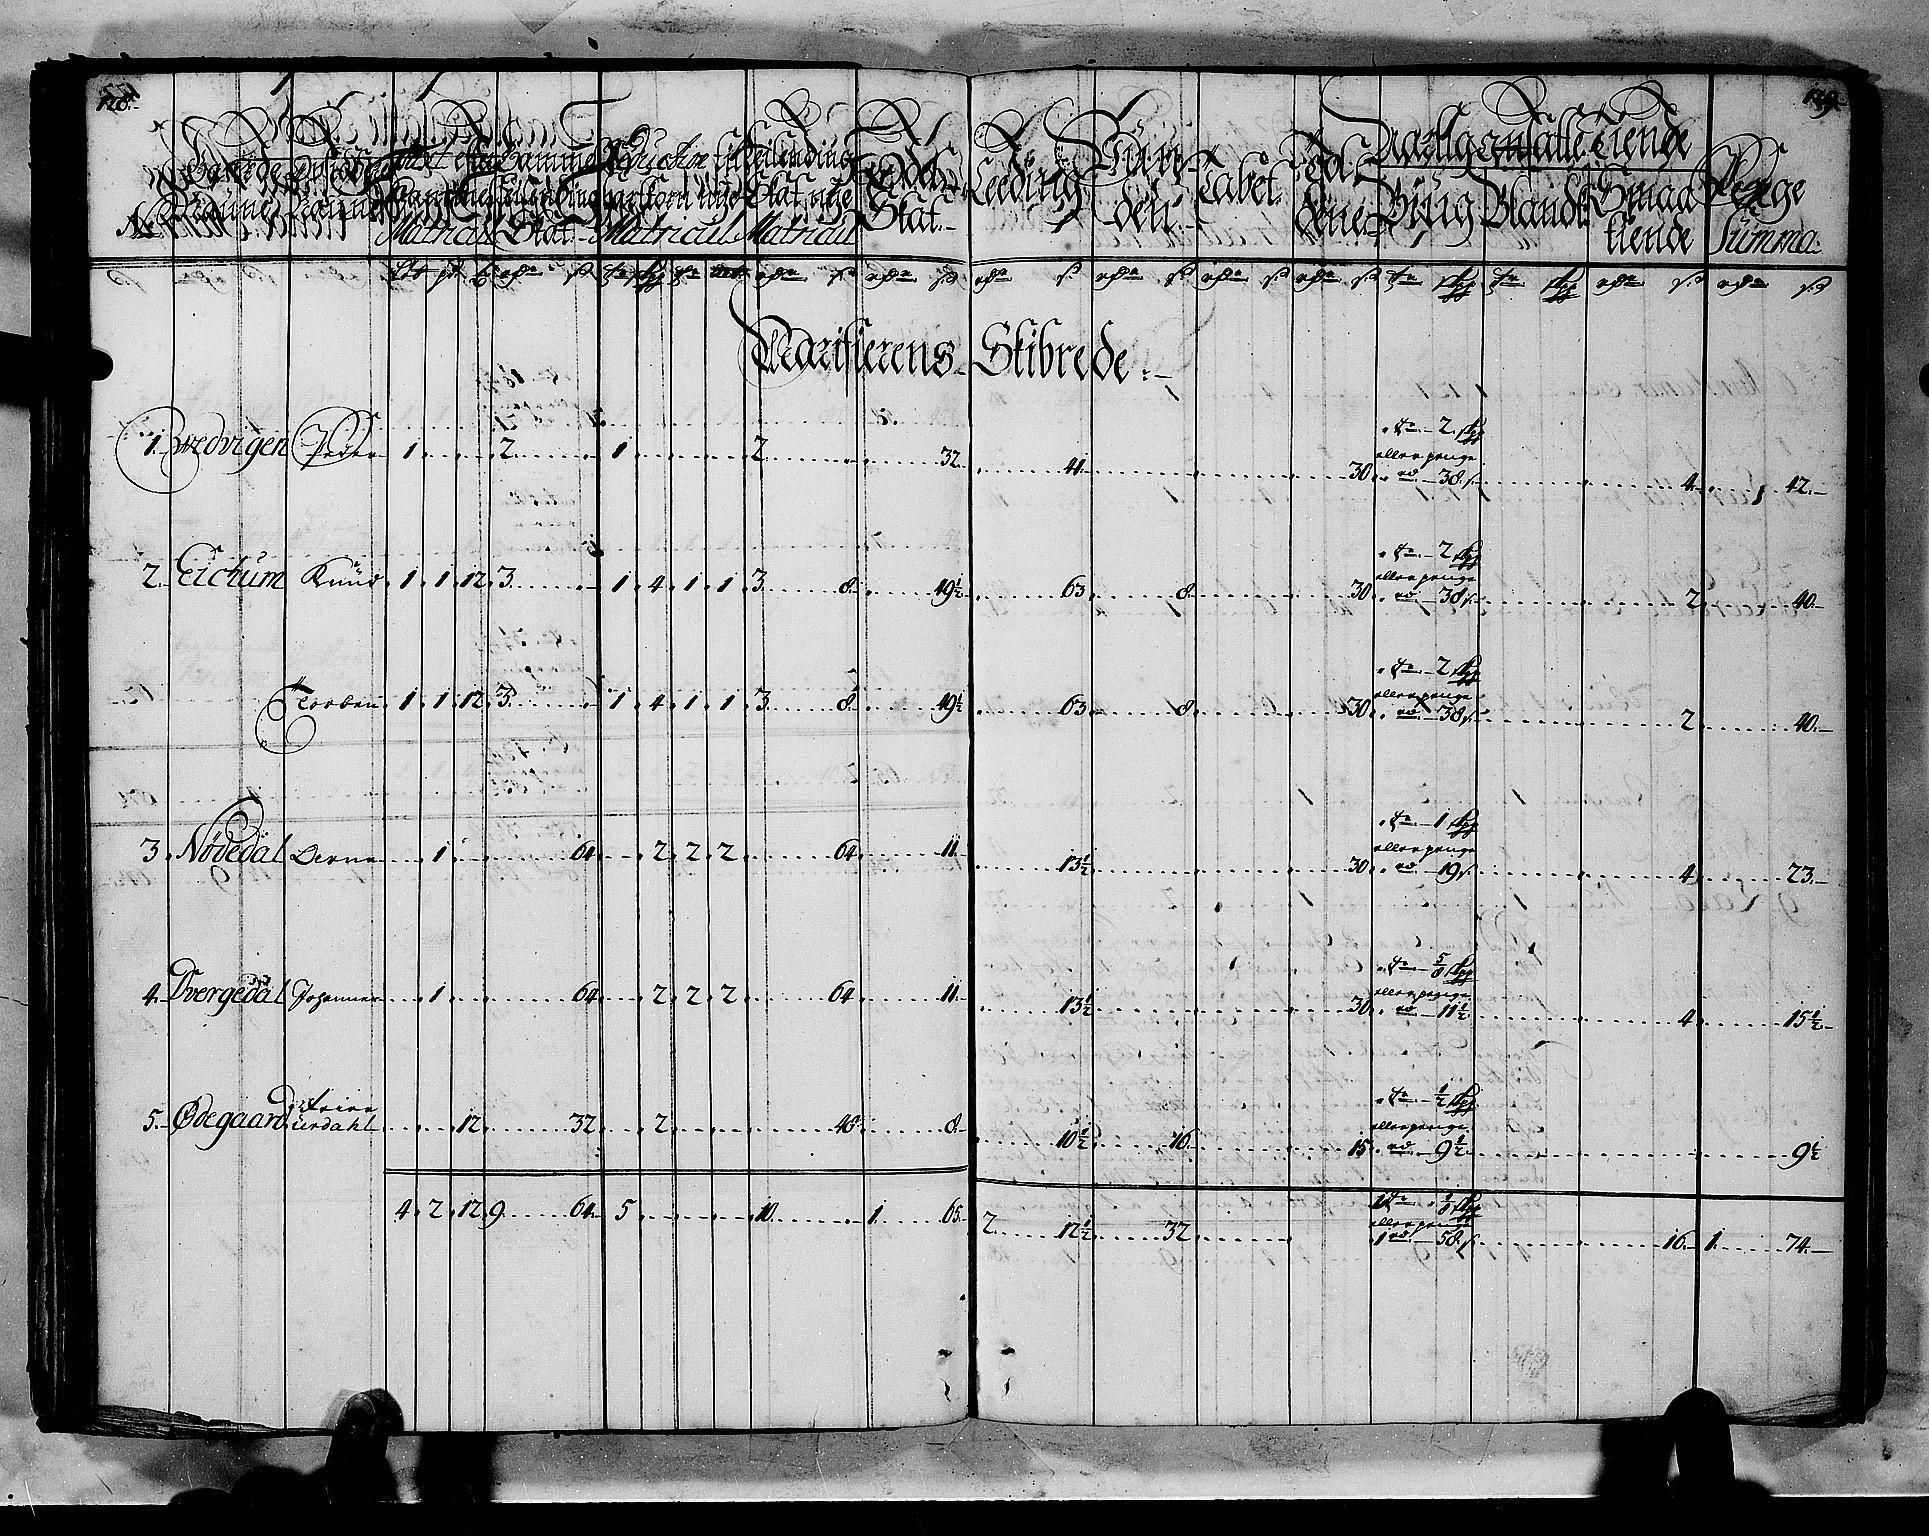 RA, Rentekammeret inntil 1814, Realistisk ordnet avdeling, N/Nb/Nbf/L0144: Indre Sogn matrikkelprotokoll, 1723, s. 128-129